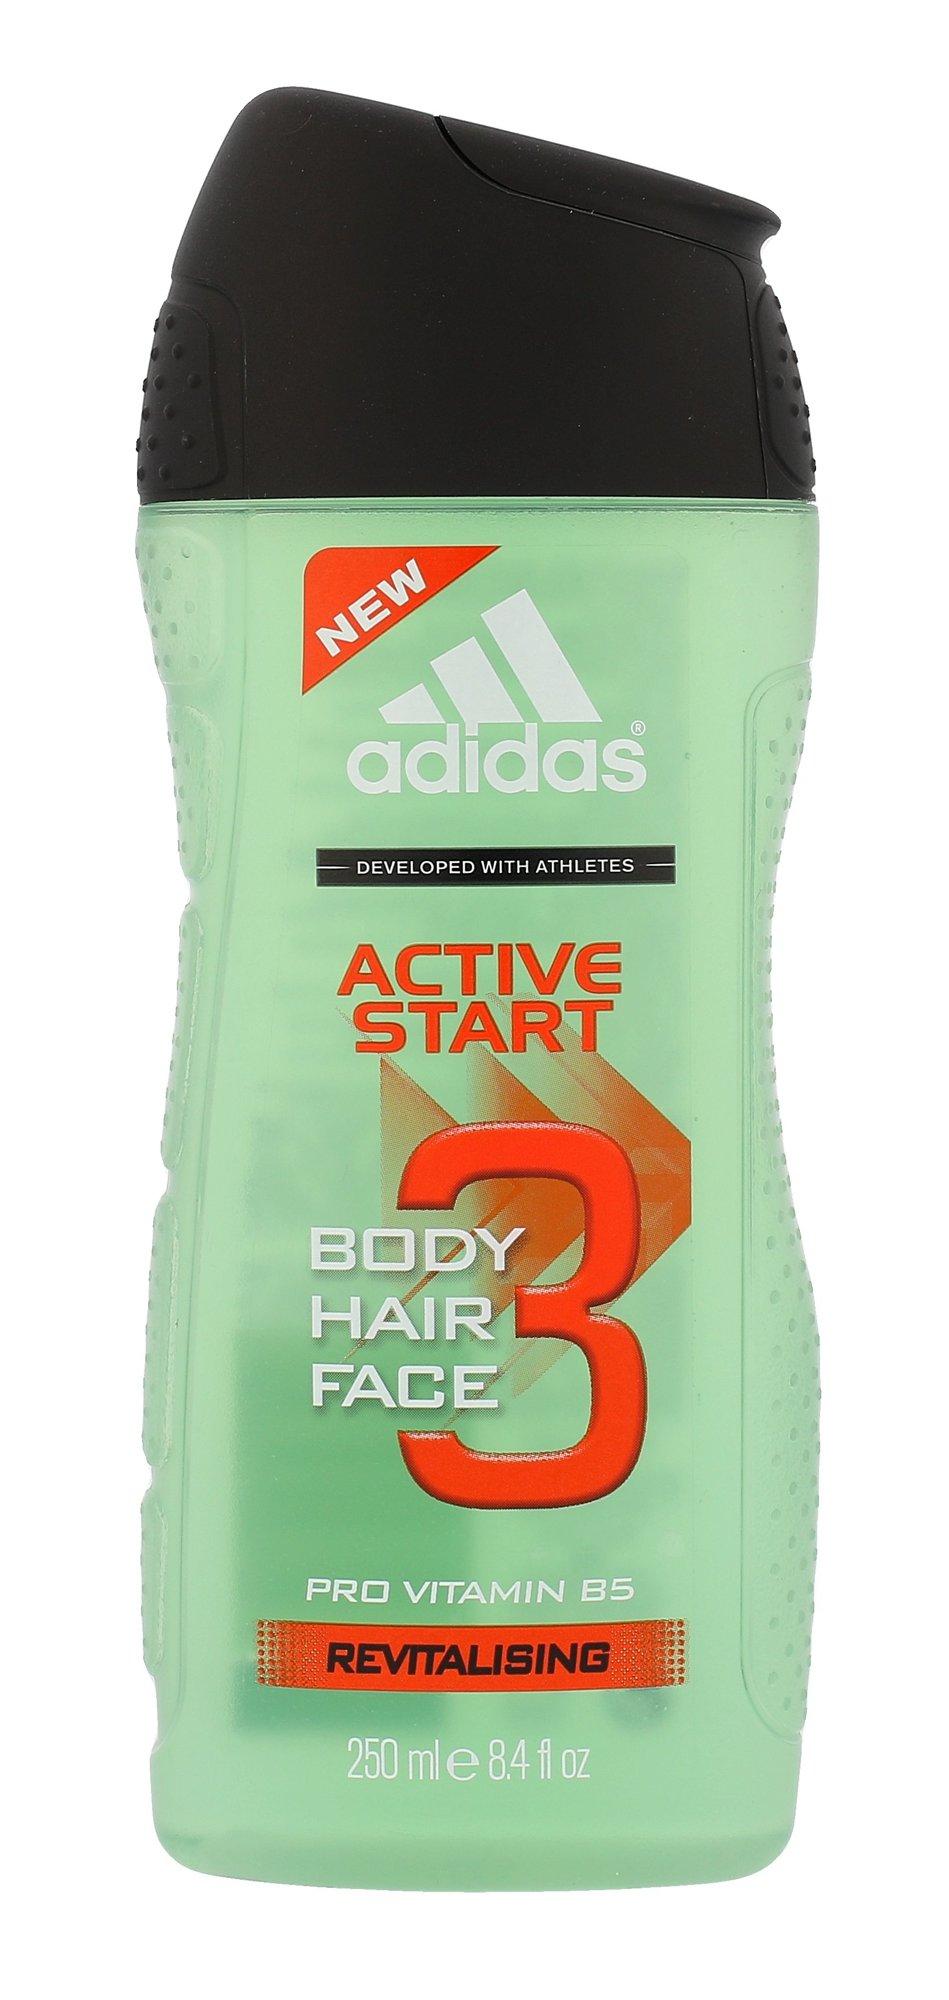 Adidas 3in1 Active Start Shower gel 250ml